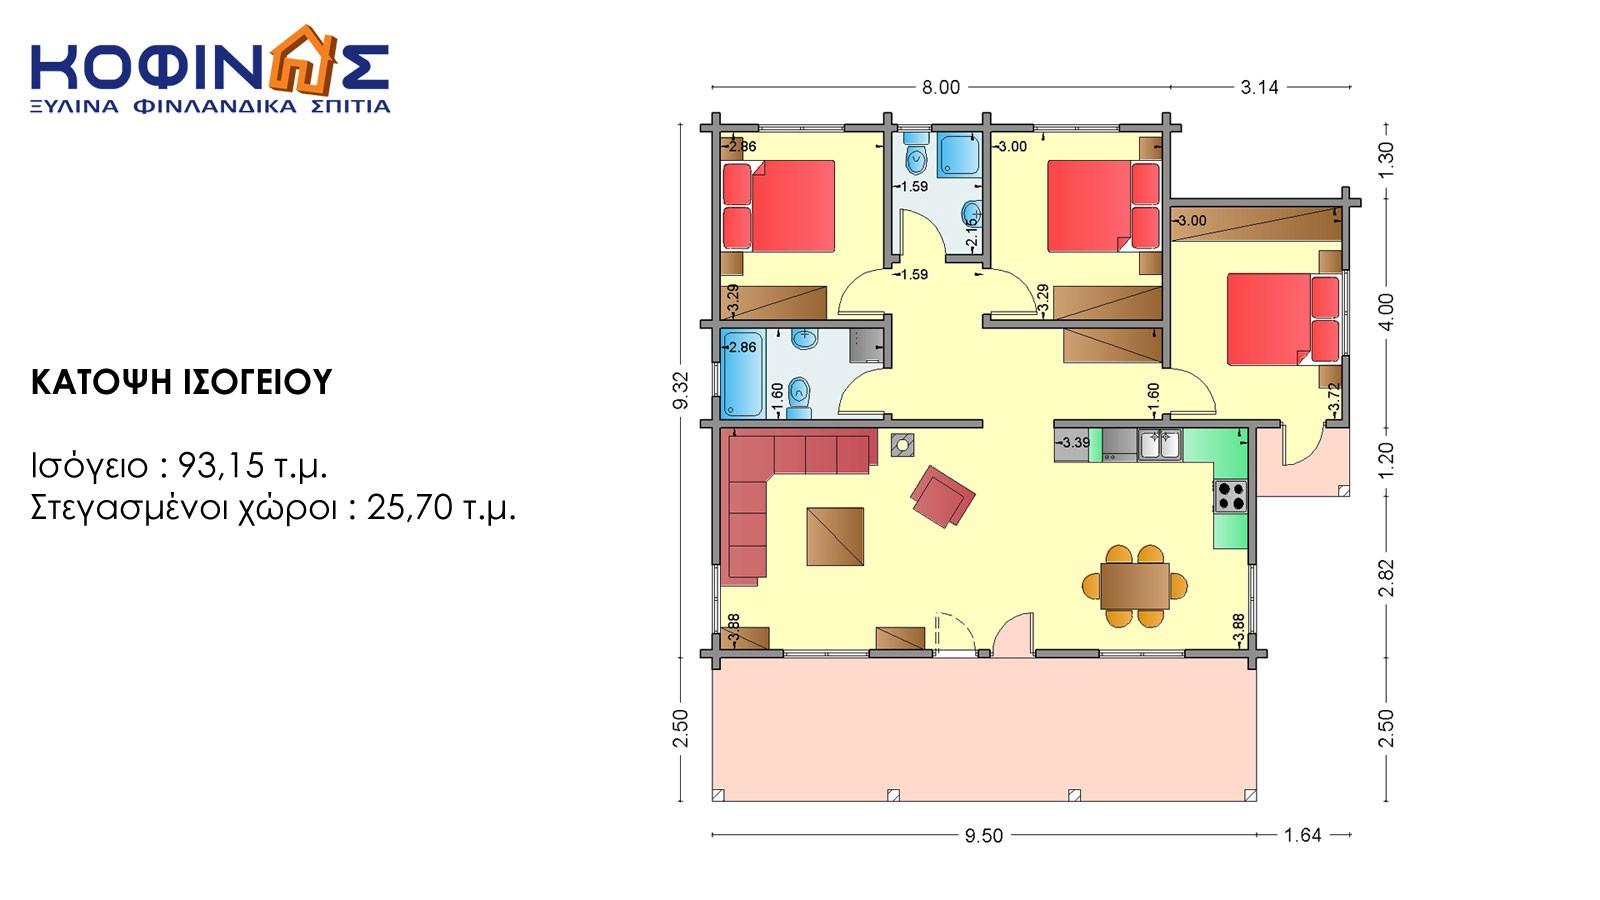 Ισόγεια Ξύλινη Κατοικία XI-93, συνολικής επιφάνειας93,15 τ.μ.